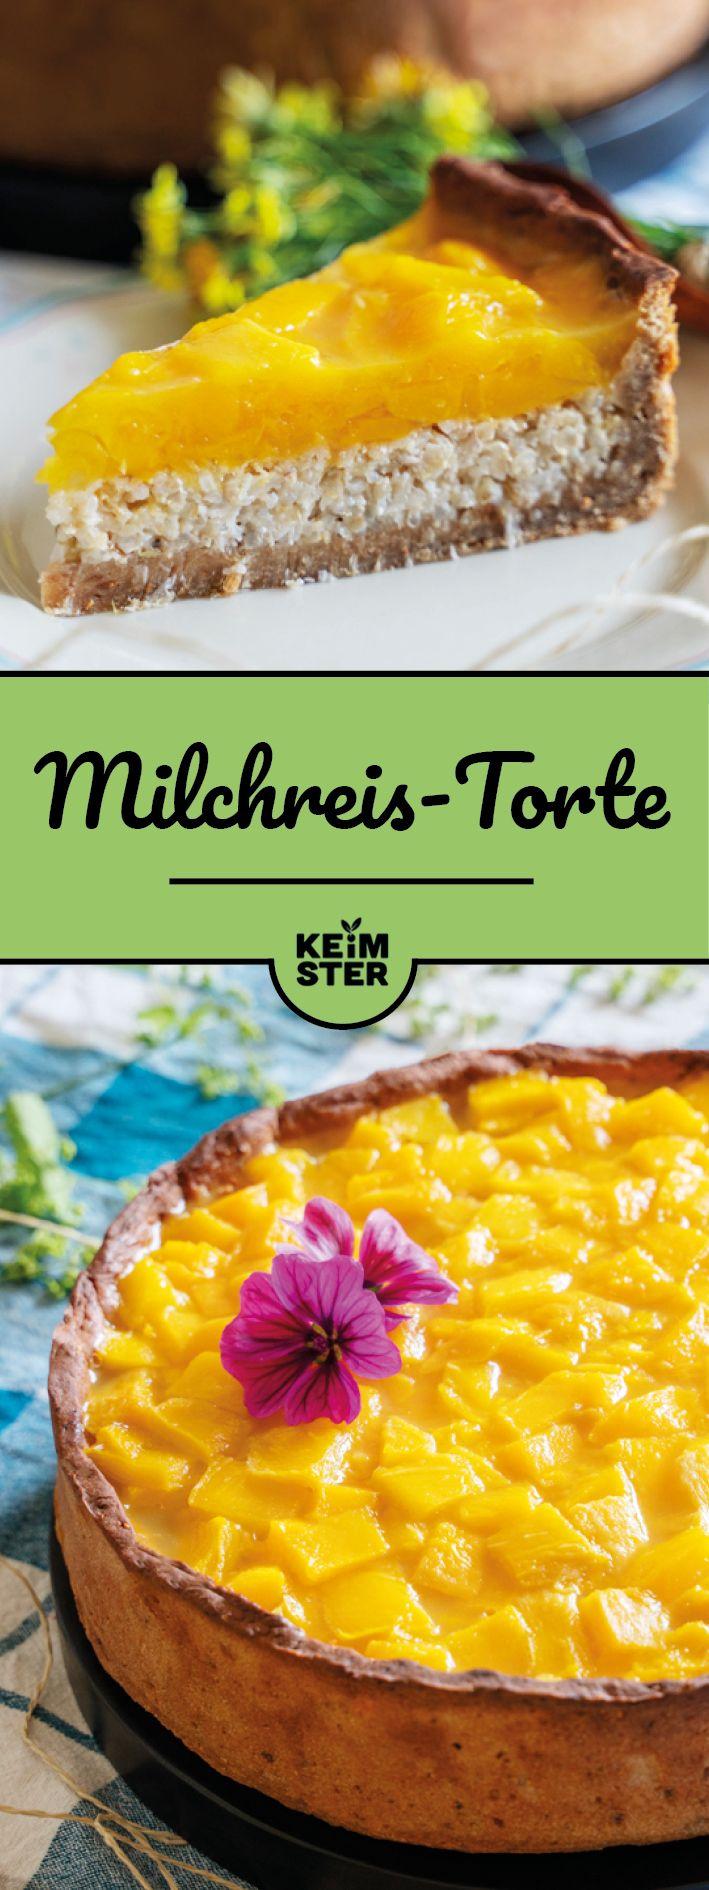 Milchreis-Torte mit Mango - zuckerfrei und vegan